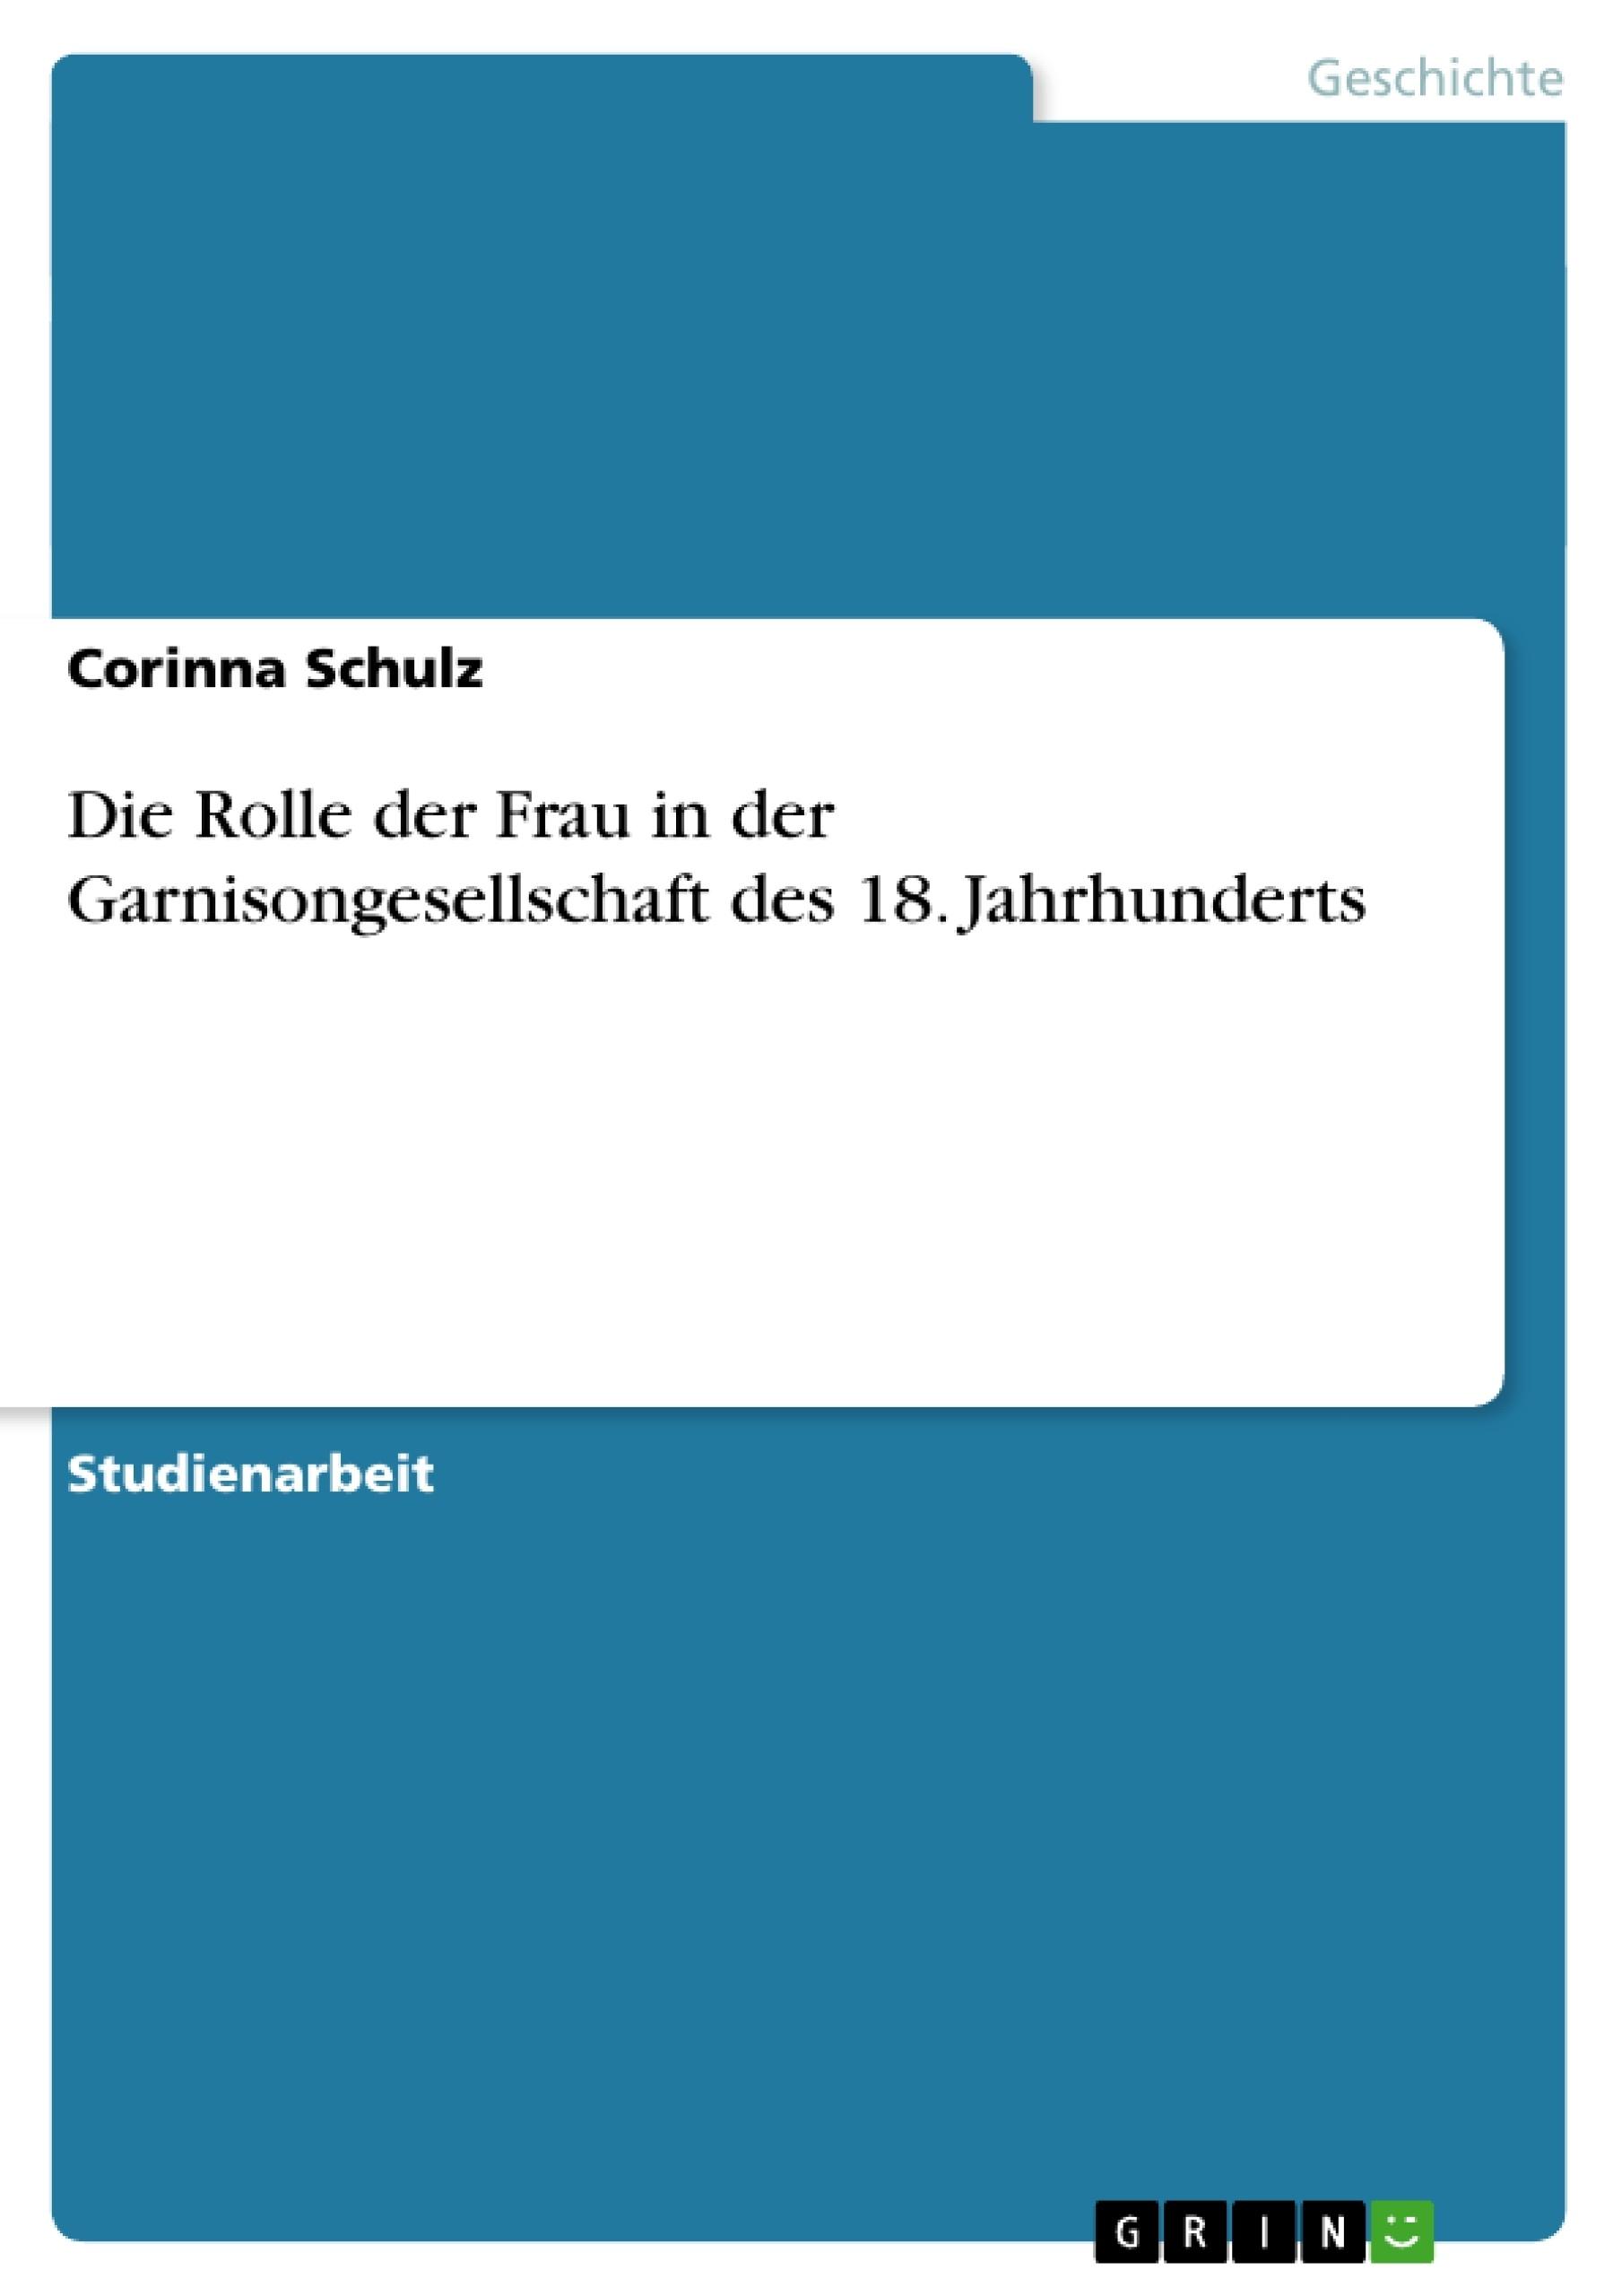 Titel: Die Rolle der Frau in der Garnisongesellschaft des 18. Jahrhunderts